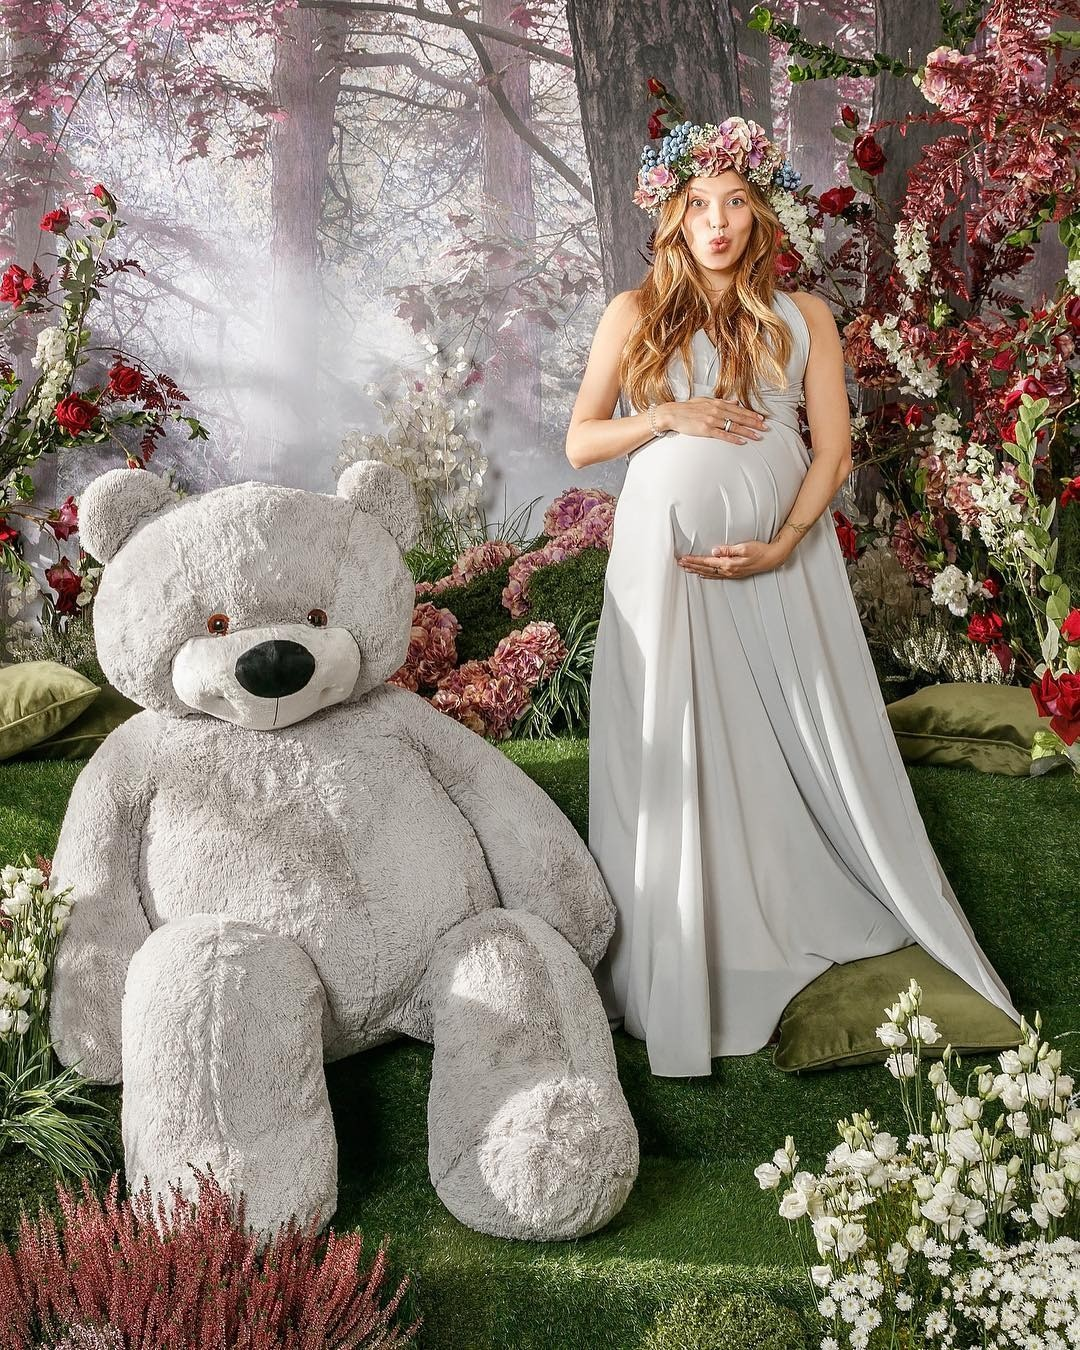 Телеведущая Регина Тодоренко долгое время не афишировала новость о своей беременности. Но после рождения сына решила поделиться со своими подписчиками рассказом о прекраснейшем периоде ее...